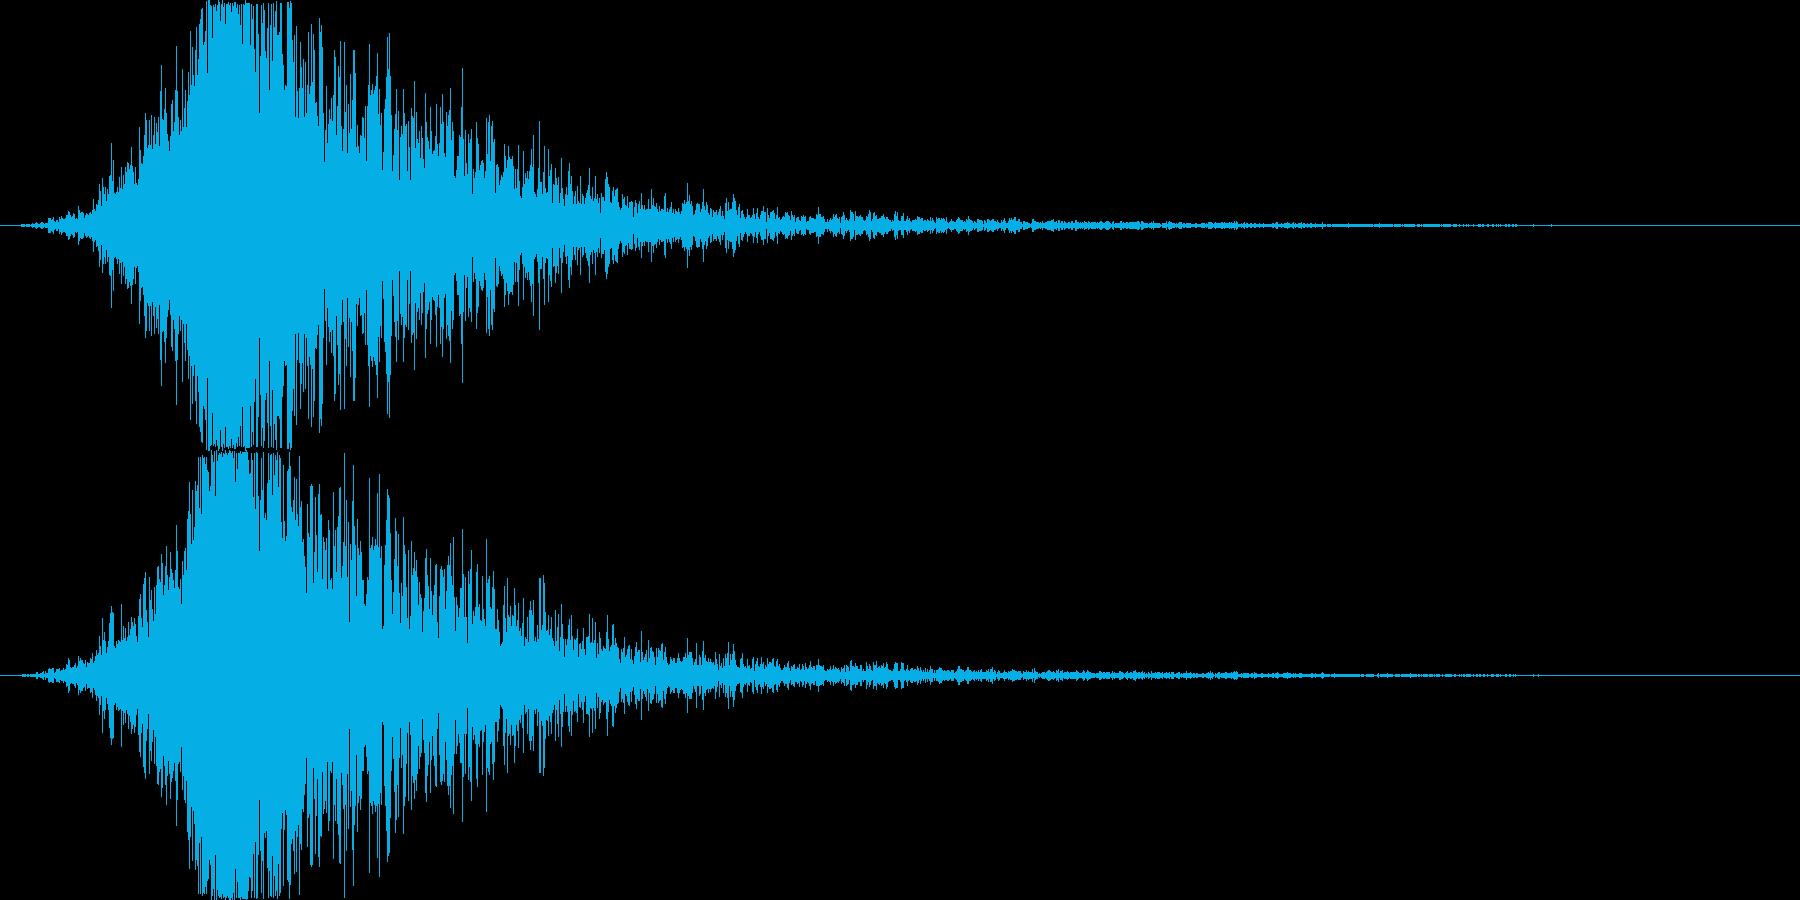 和太鼓とメタルアタックが混ざった感じの再生済みの波形